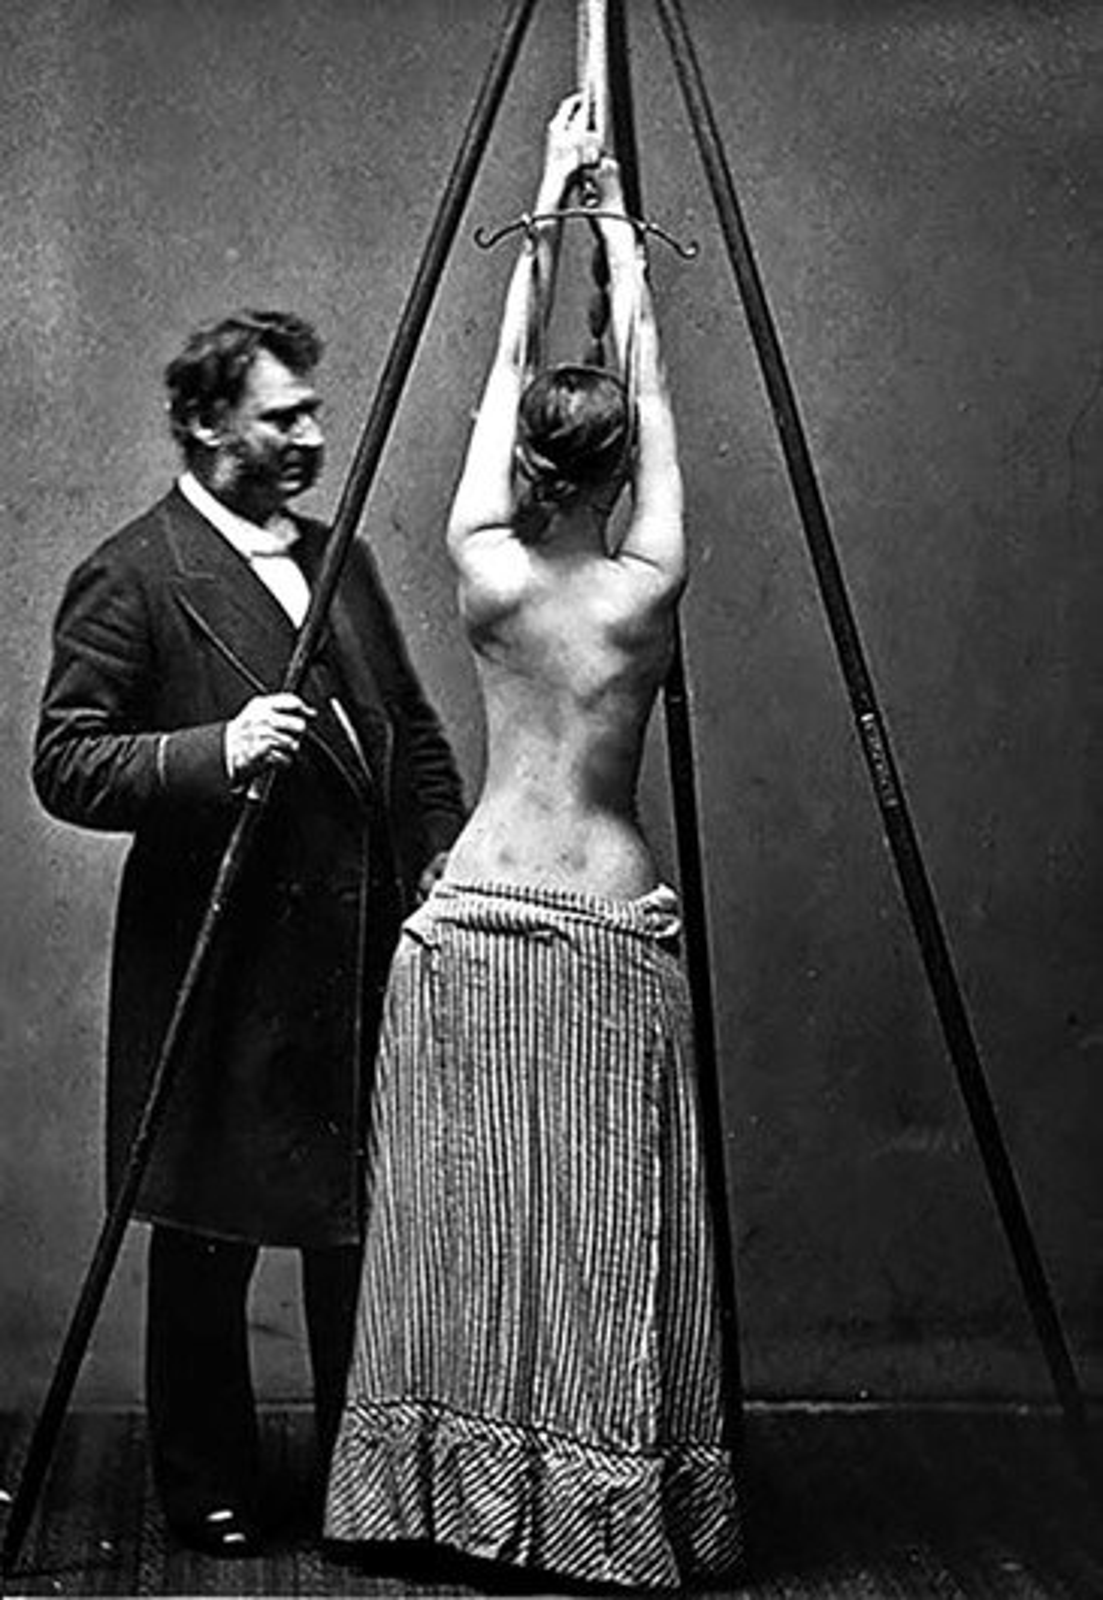 Imagens bizarras retratam tratamentos médicos ao longo da história